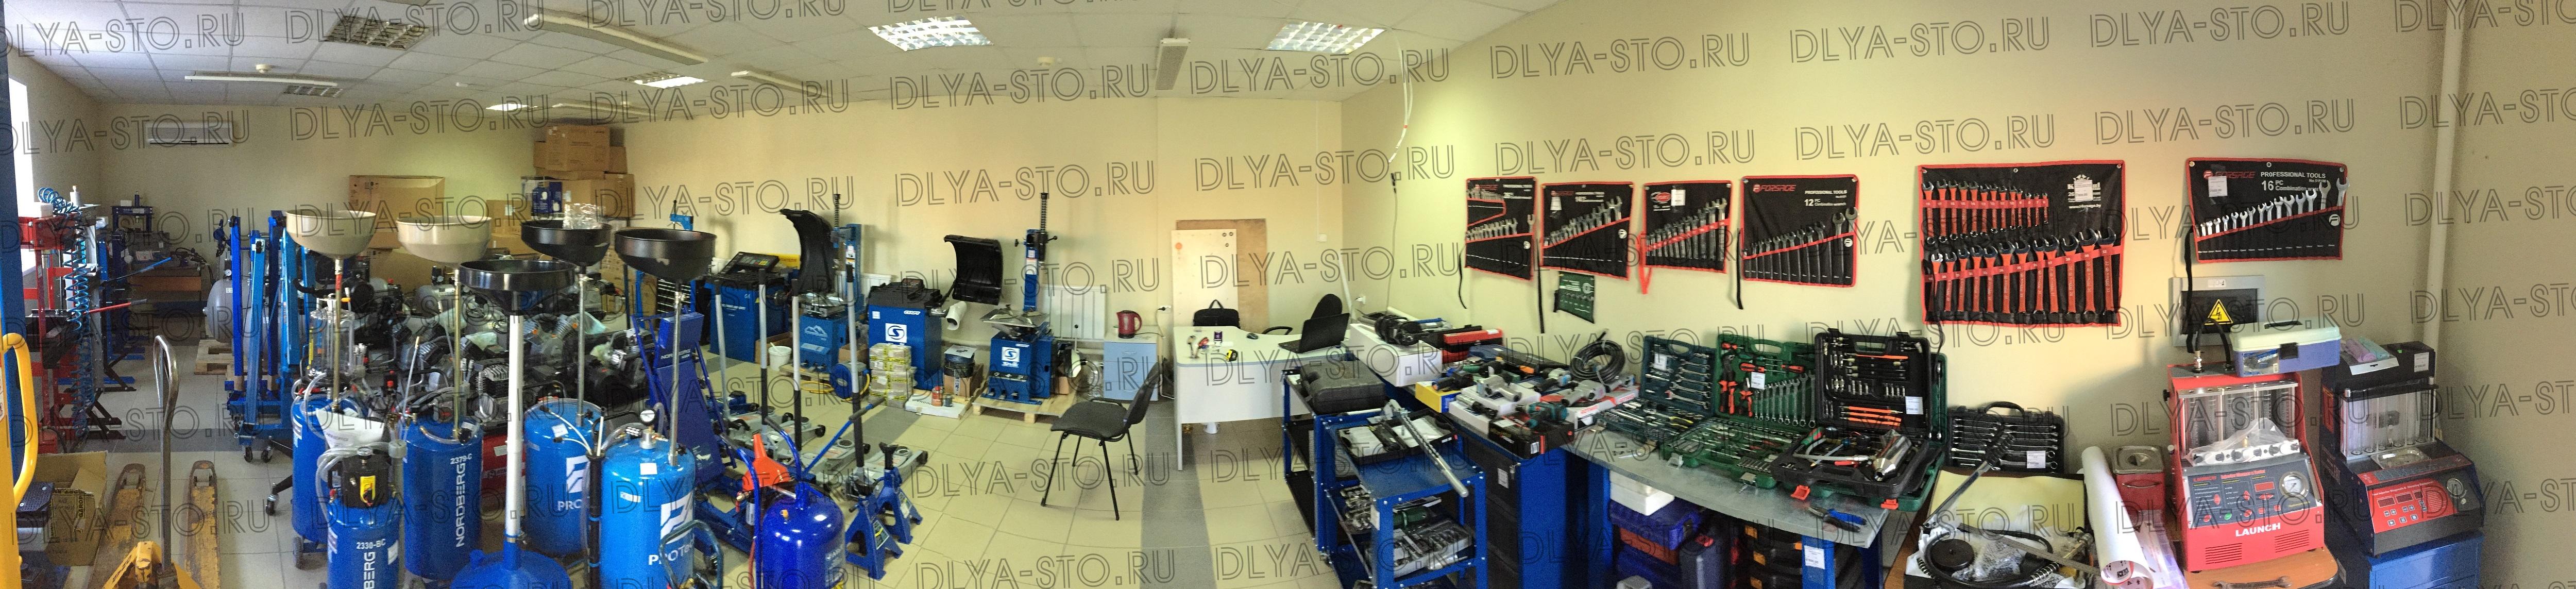 Оборудование для автосервиса в Краснодаре